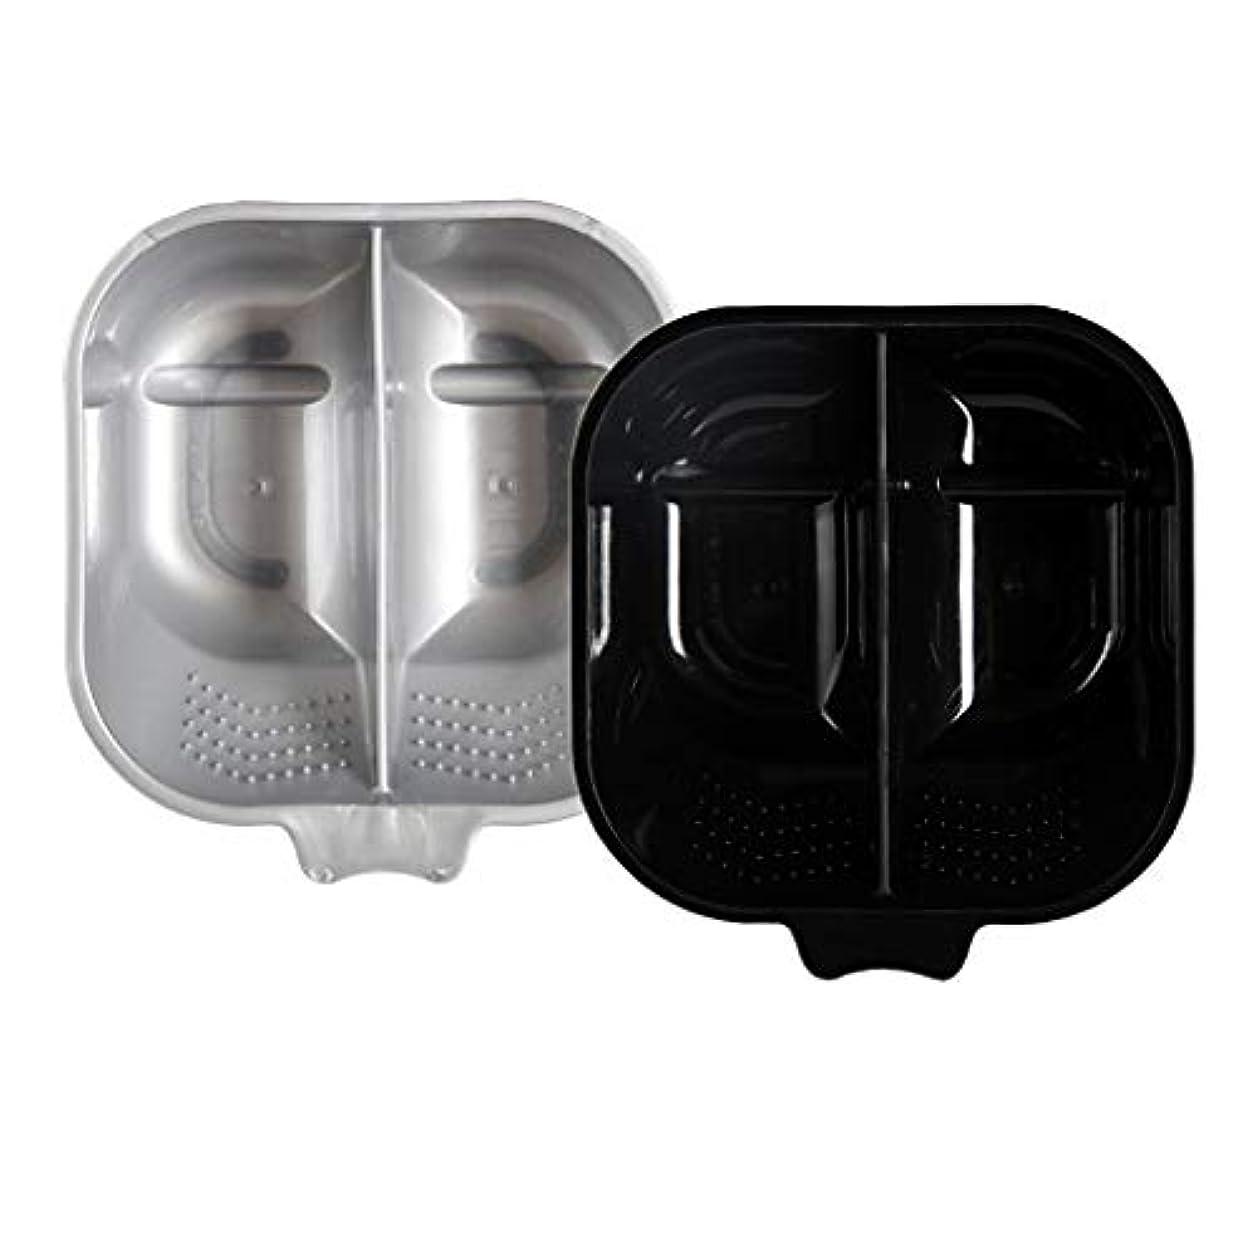 効率的昆虫汚れるToygogo 2個 髪染めボウル ヘアダイボウル ヘアカラーカップ ミキシングボウル